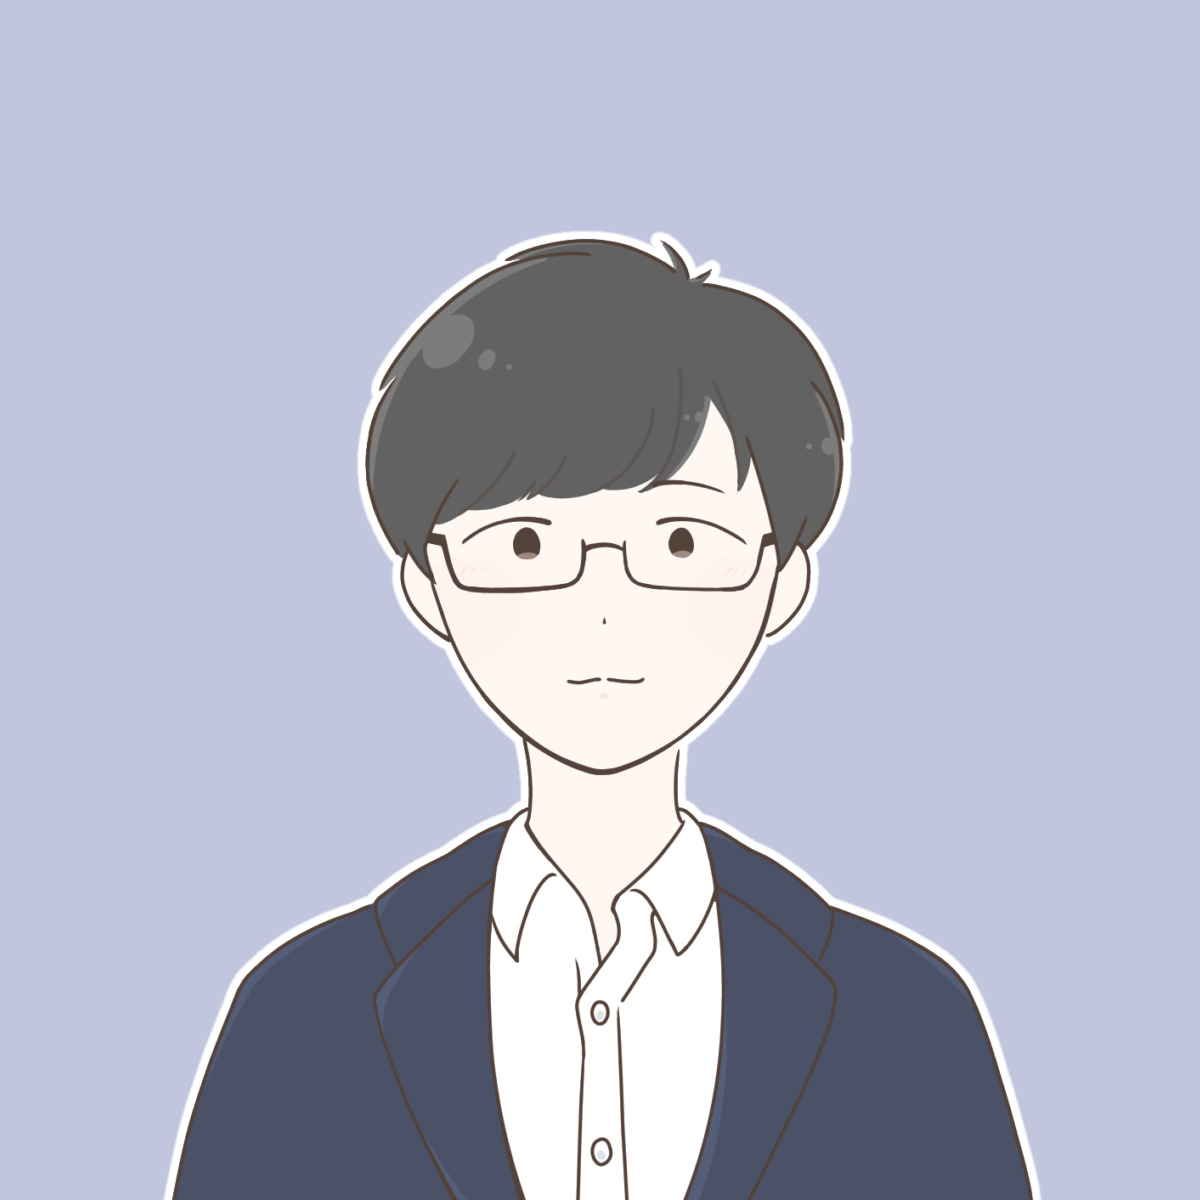 川上純也の画像